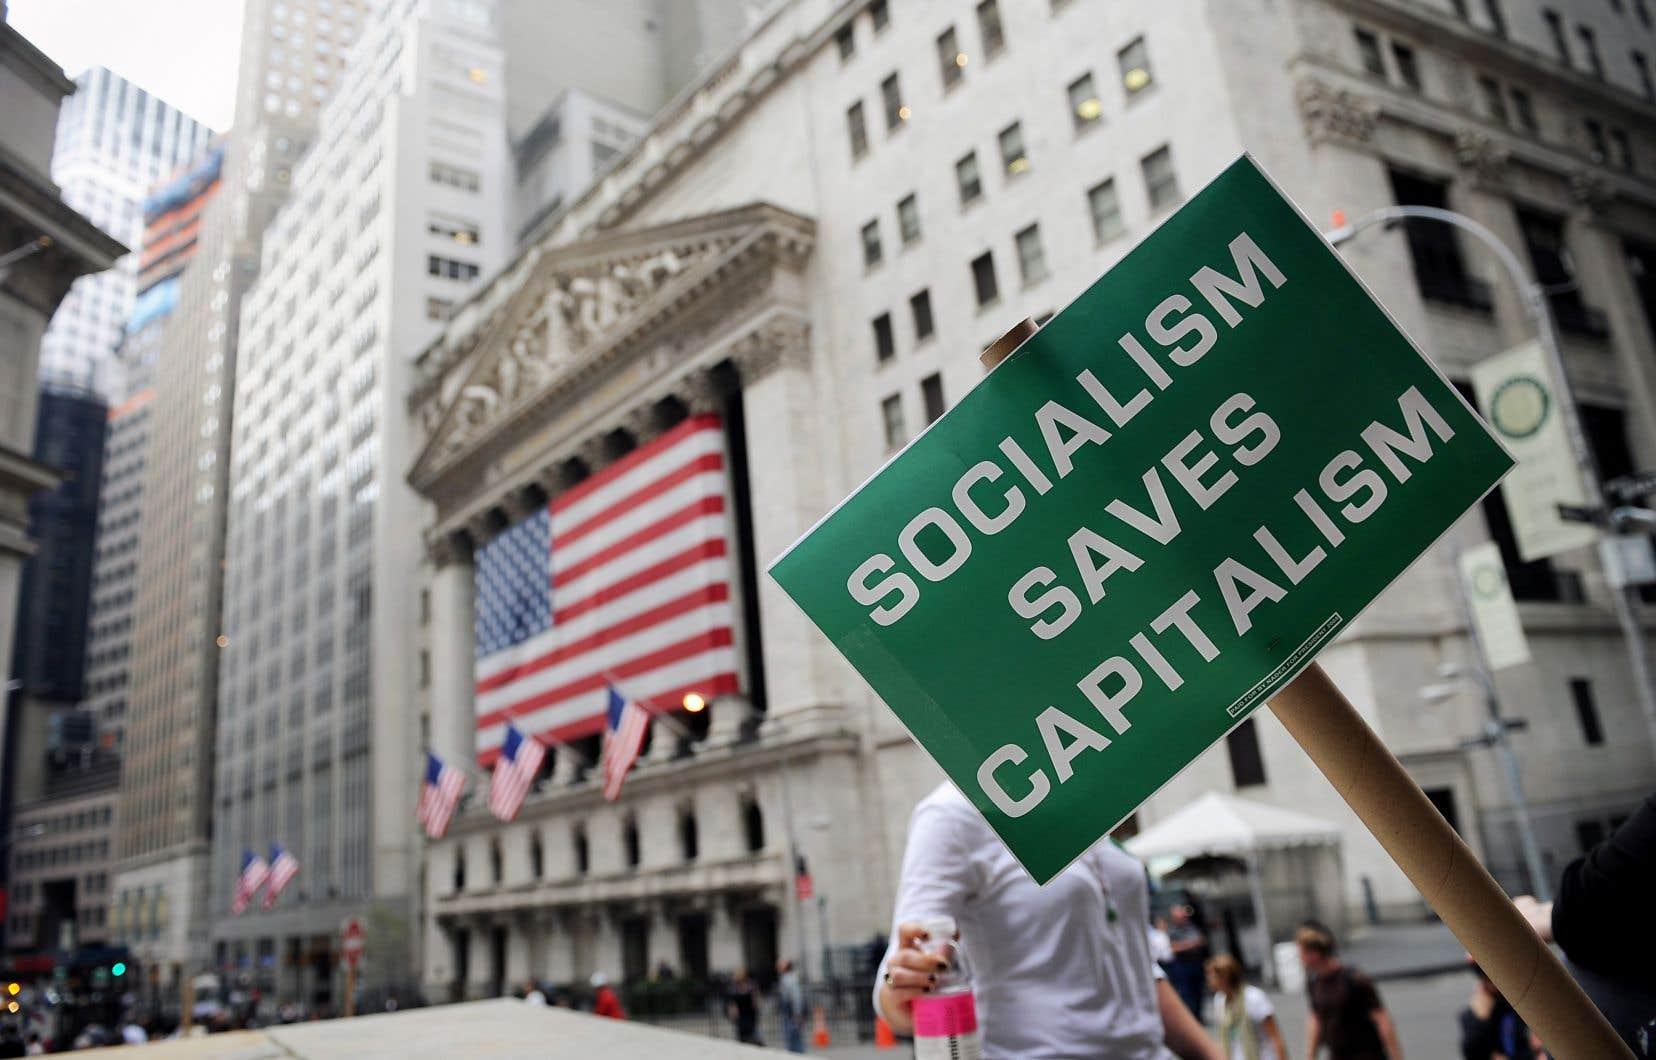 Dix ans ont passé depuis la faillite de la banque américaine Lehman Brothers, l'effondrement des marchés financiers et la crise économique de 2008.